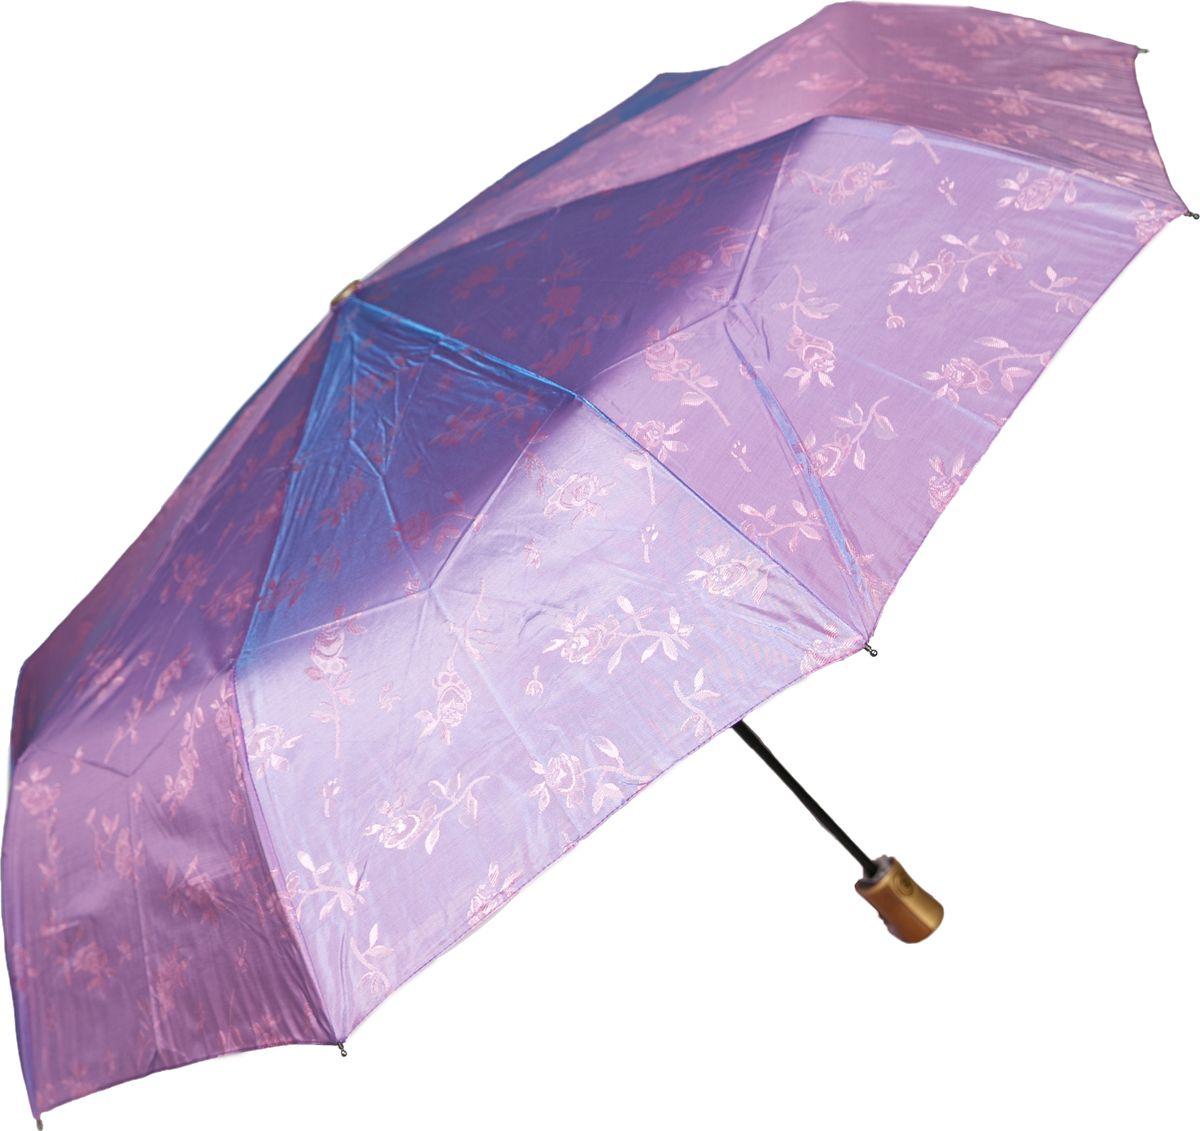 Зонт женский Mitya Veselkov, цвет: сиреневый. ZONT2-09ZONT2-09Прекрасный и надежный автоматический зонт Mitya Veselkov укроет от дождя и станет стильным аксессуаром, дополняющим Ваш образ. Ширина купола 100 см.